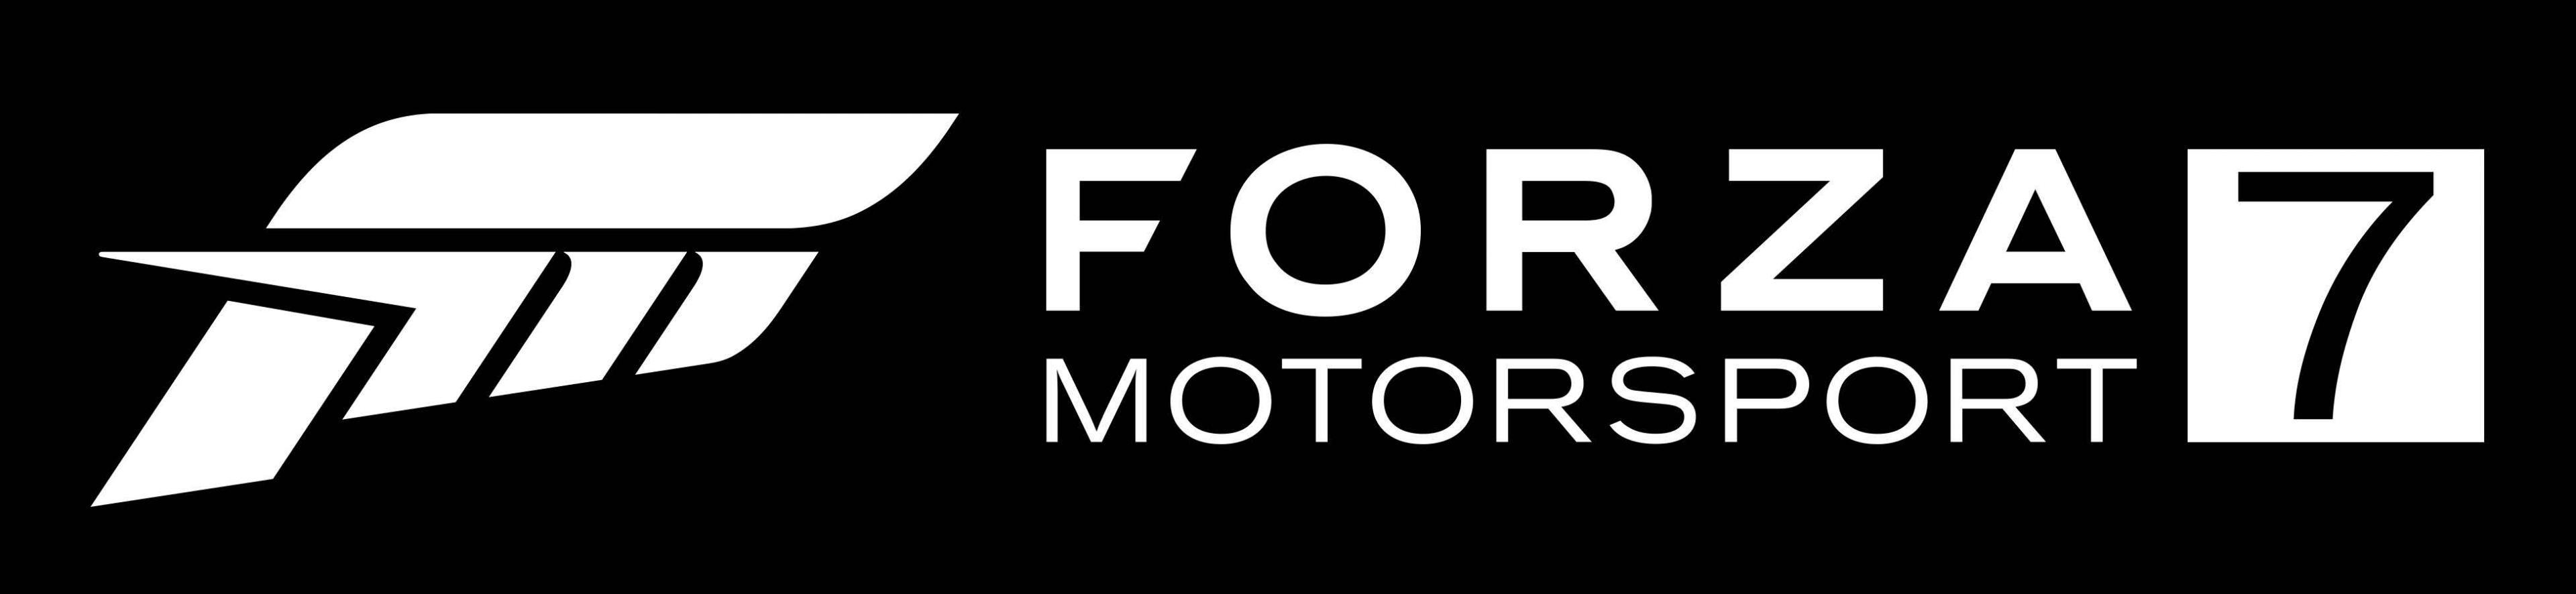 playfrance forza motorsport 7 artworks. Black Bedroom Furniture Sets. Home Design Ideas